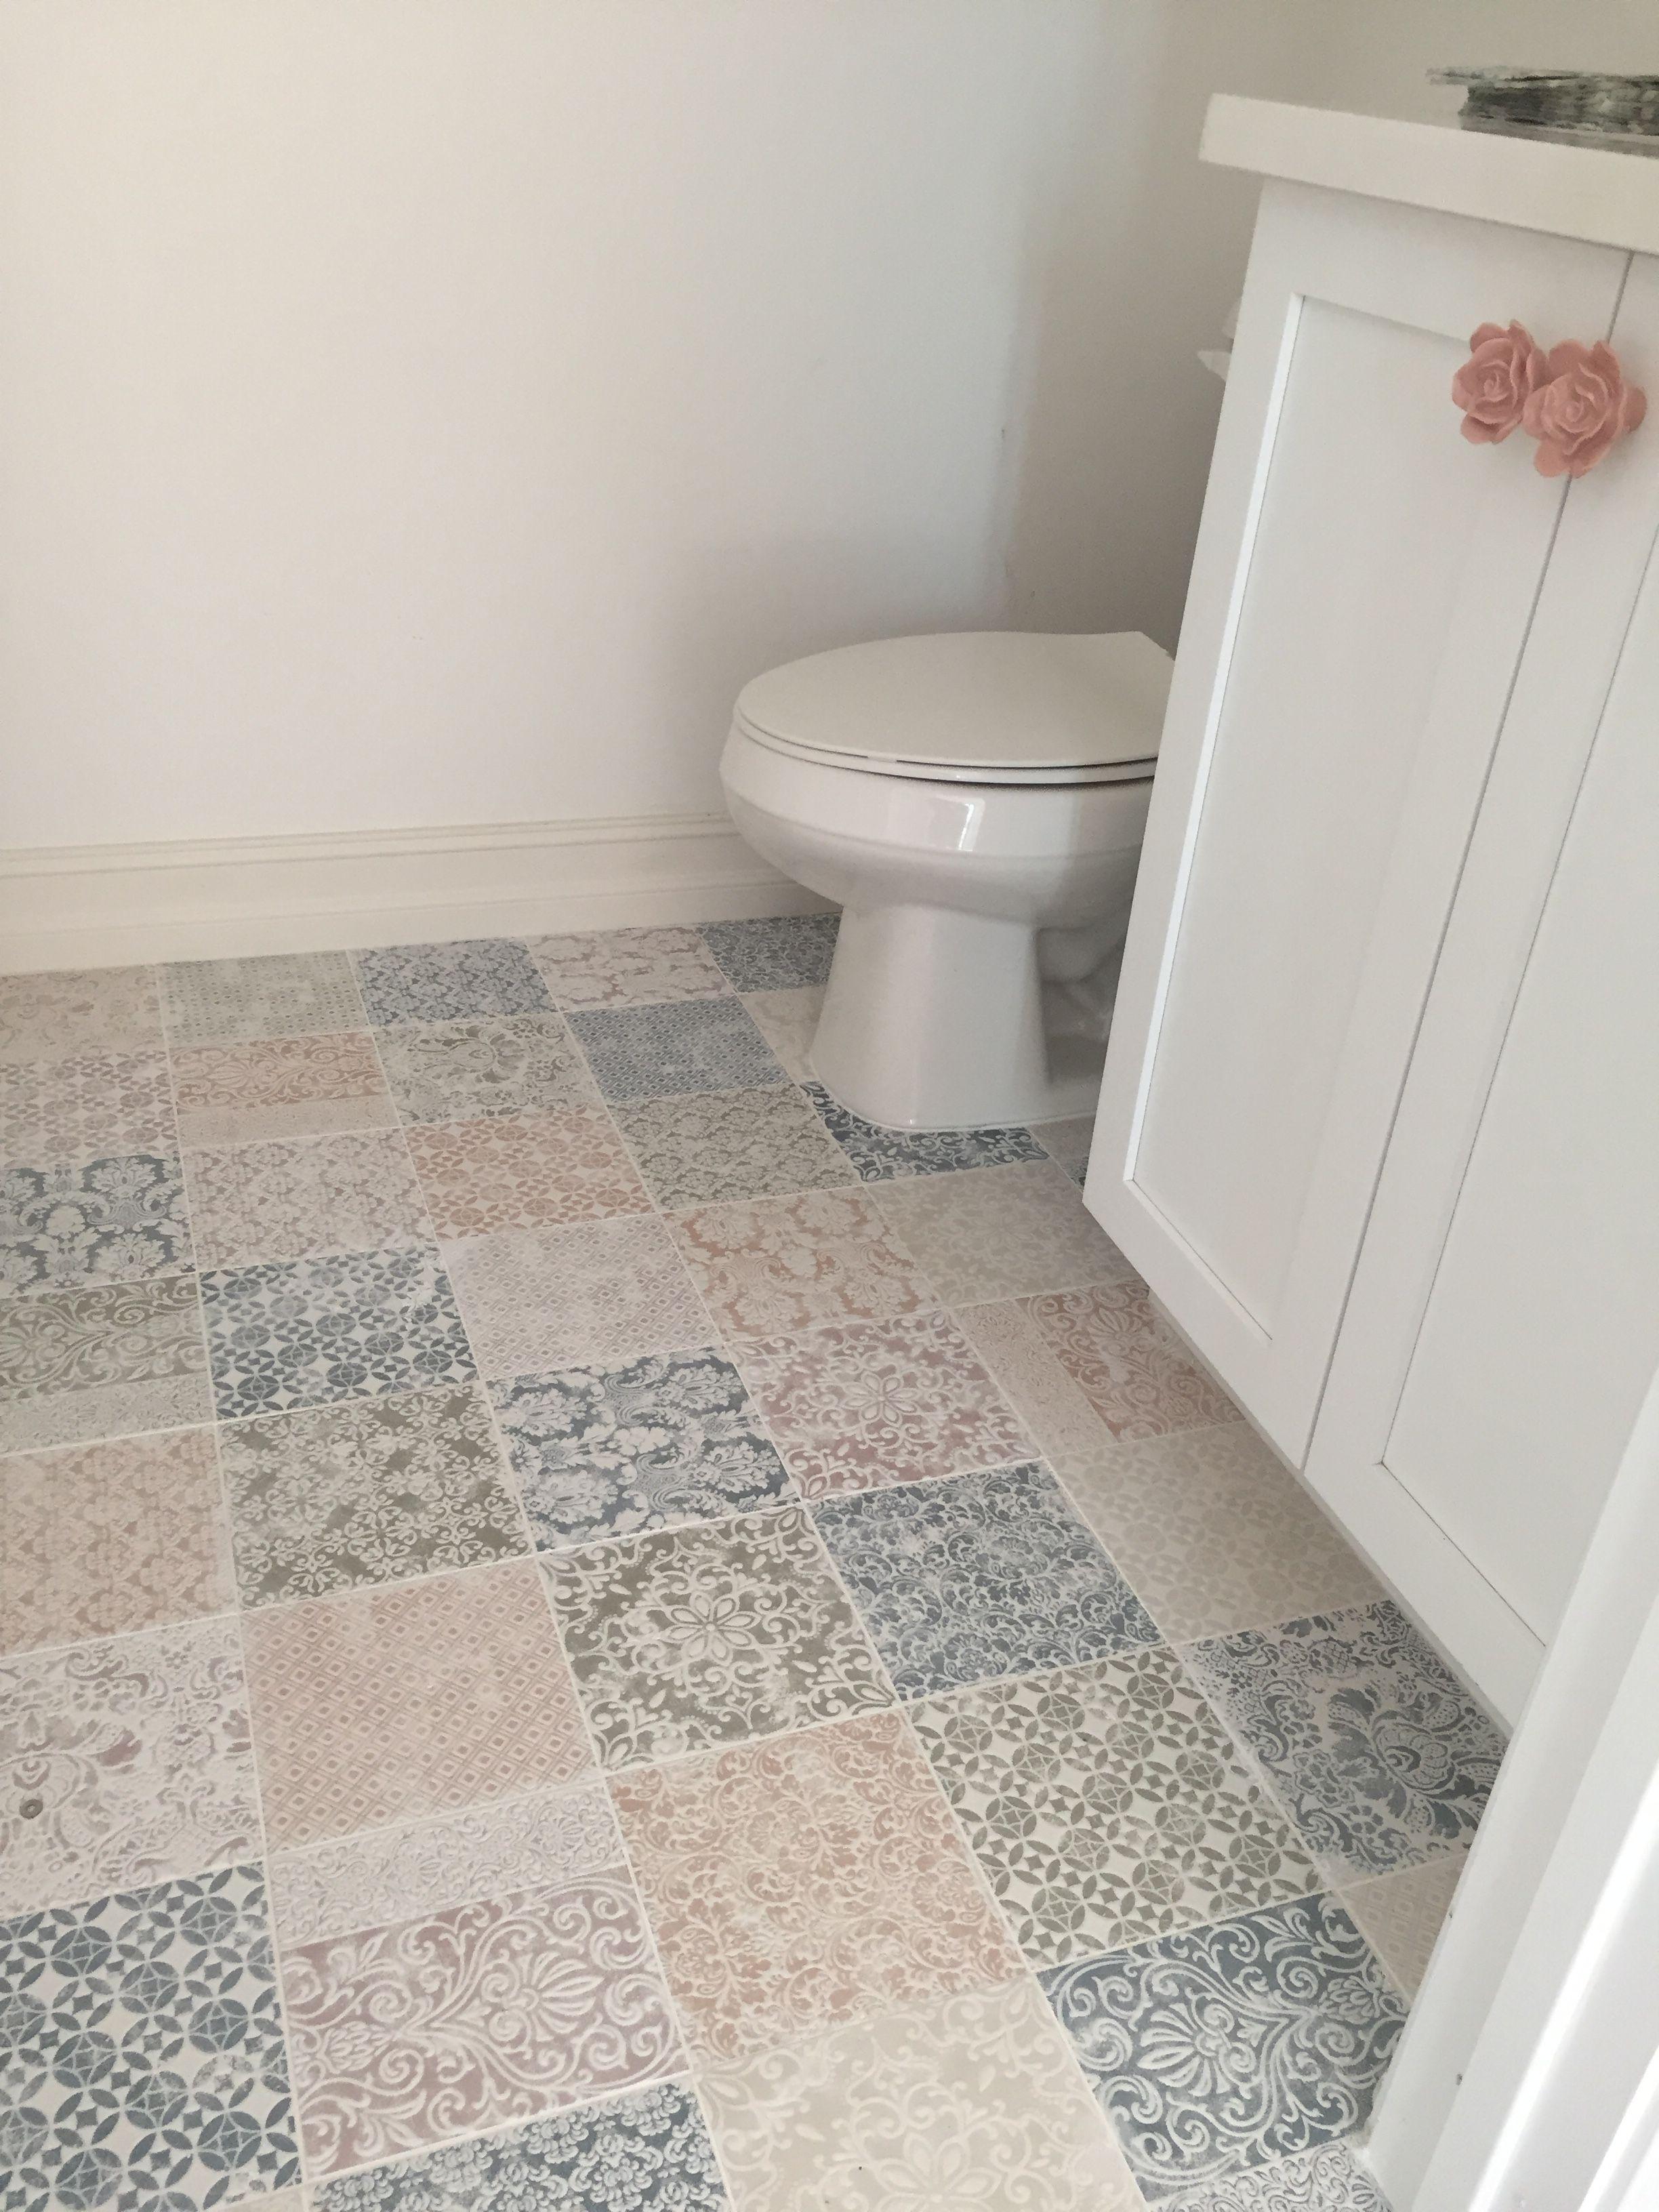 Patchwork Tile Floor Patchwork Tiles Floor Flooring Patchwork Tiles